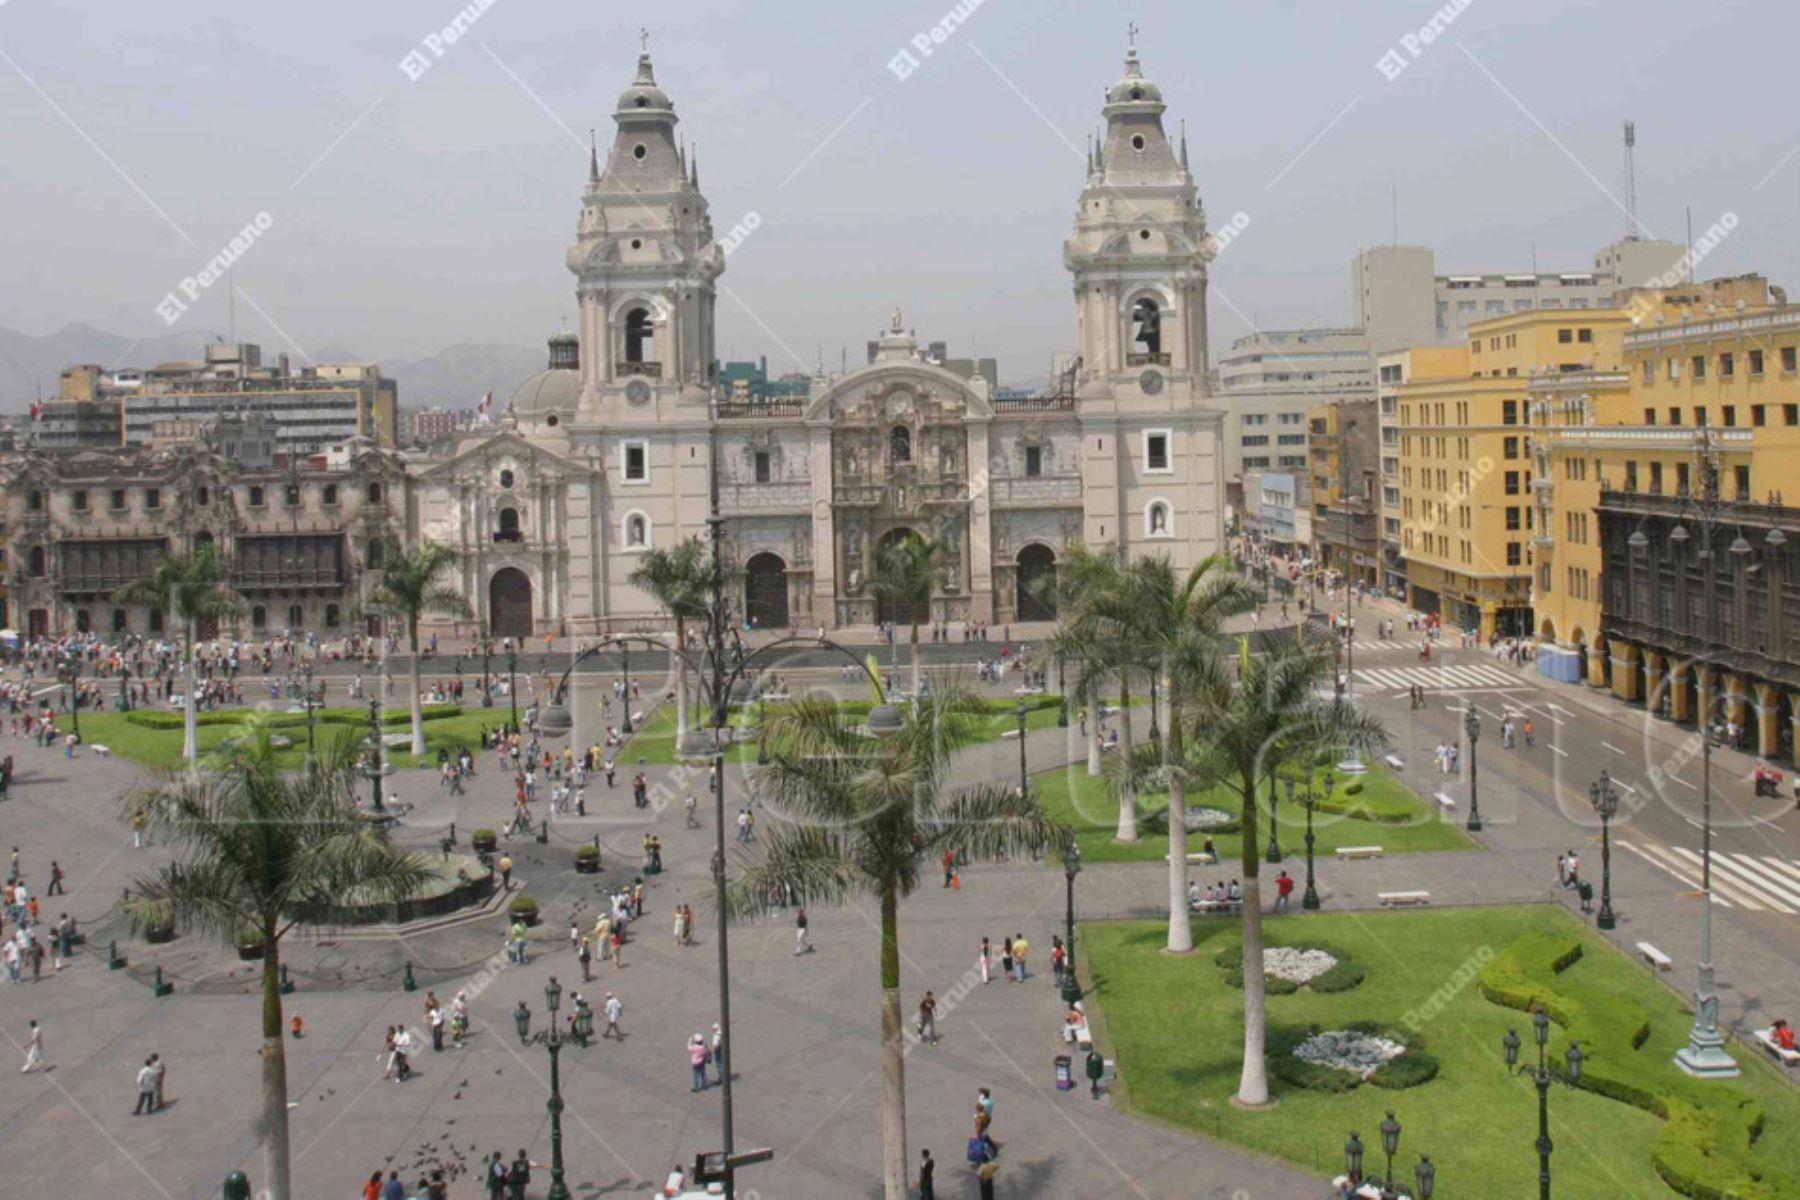 Lima - 07 abril 2007 / Vista panorámica de la Plaza de Armas de Lima, frontis de la Catedral de Lima y fachada de la Municipalidad de Lima. Foto: Archivo El Peruano